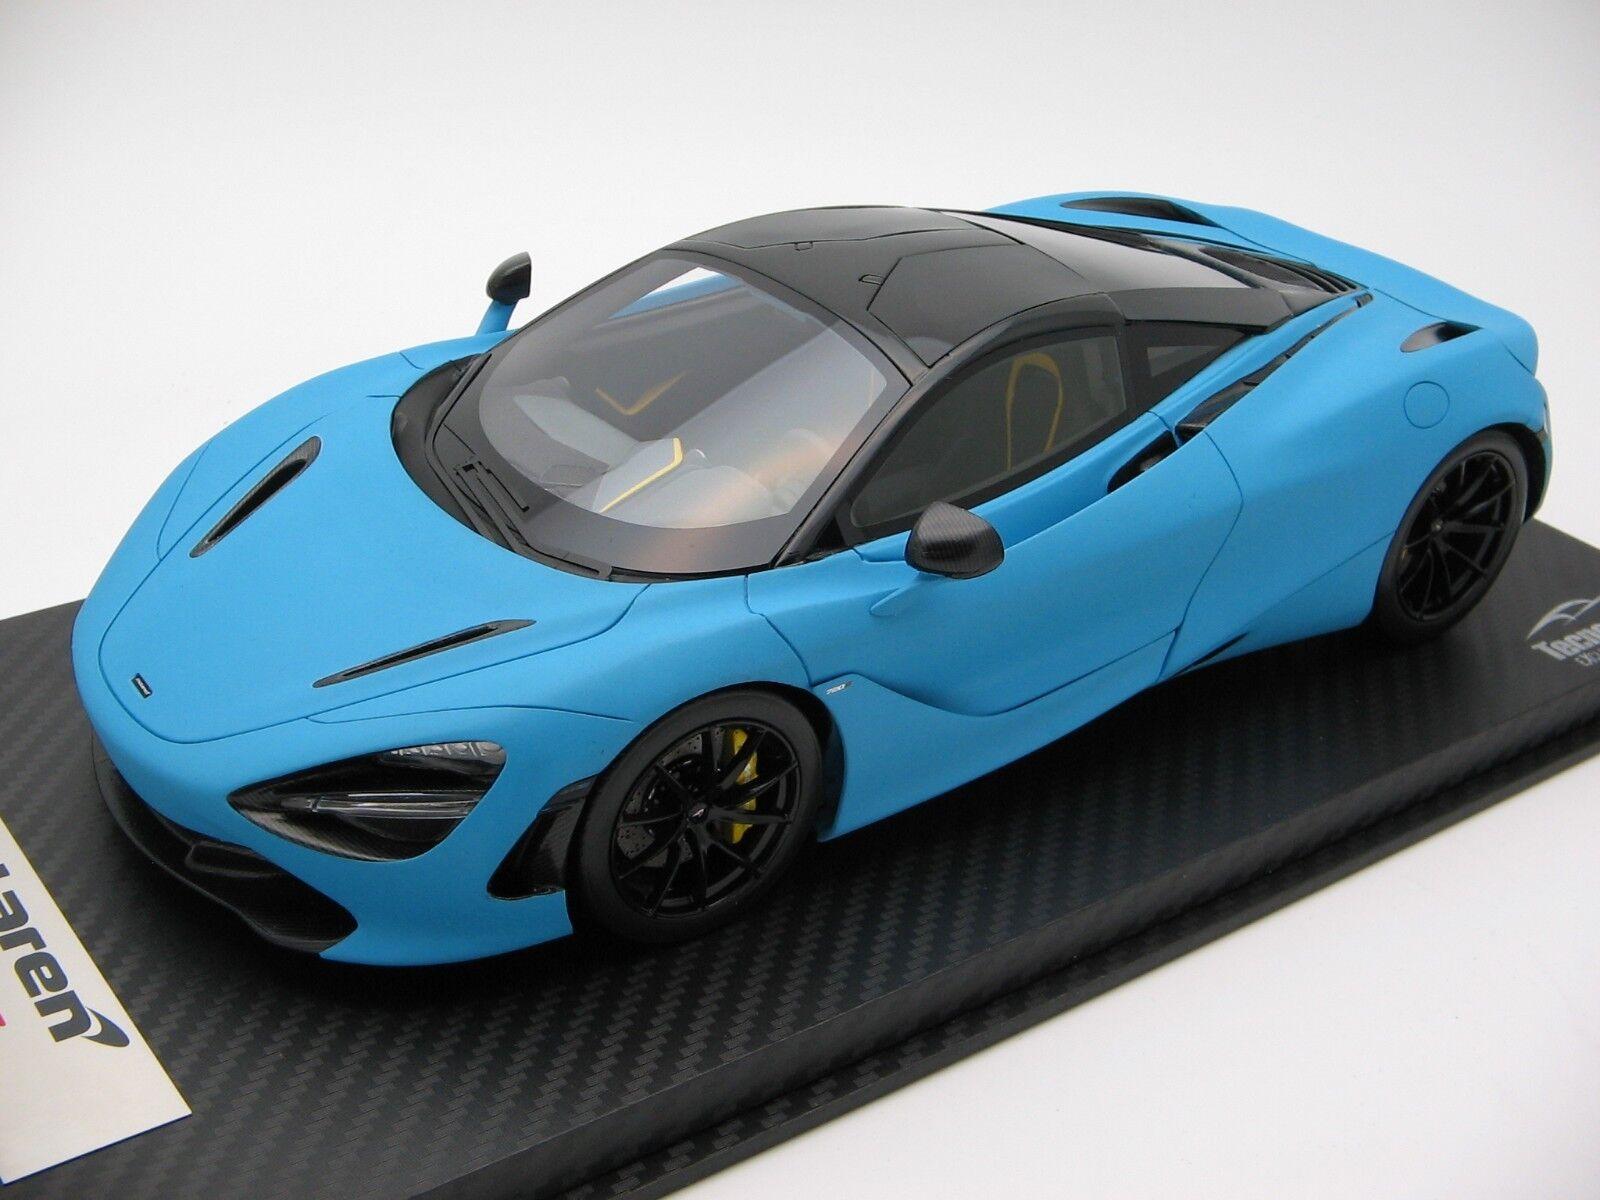 1 18 scale Tecnomodel McLaren 720S Baby bluee Matt effect effect effect 2017 T18-EX06C 0b1713